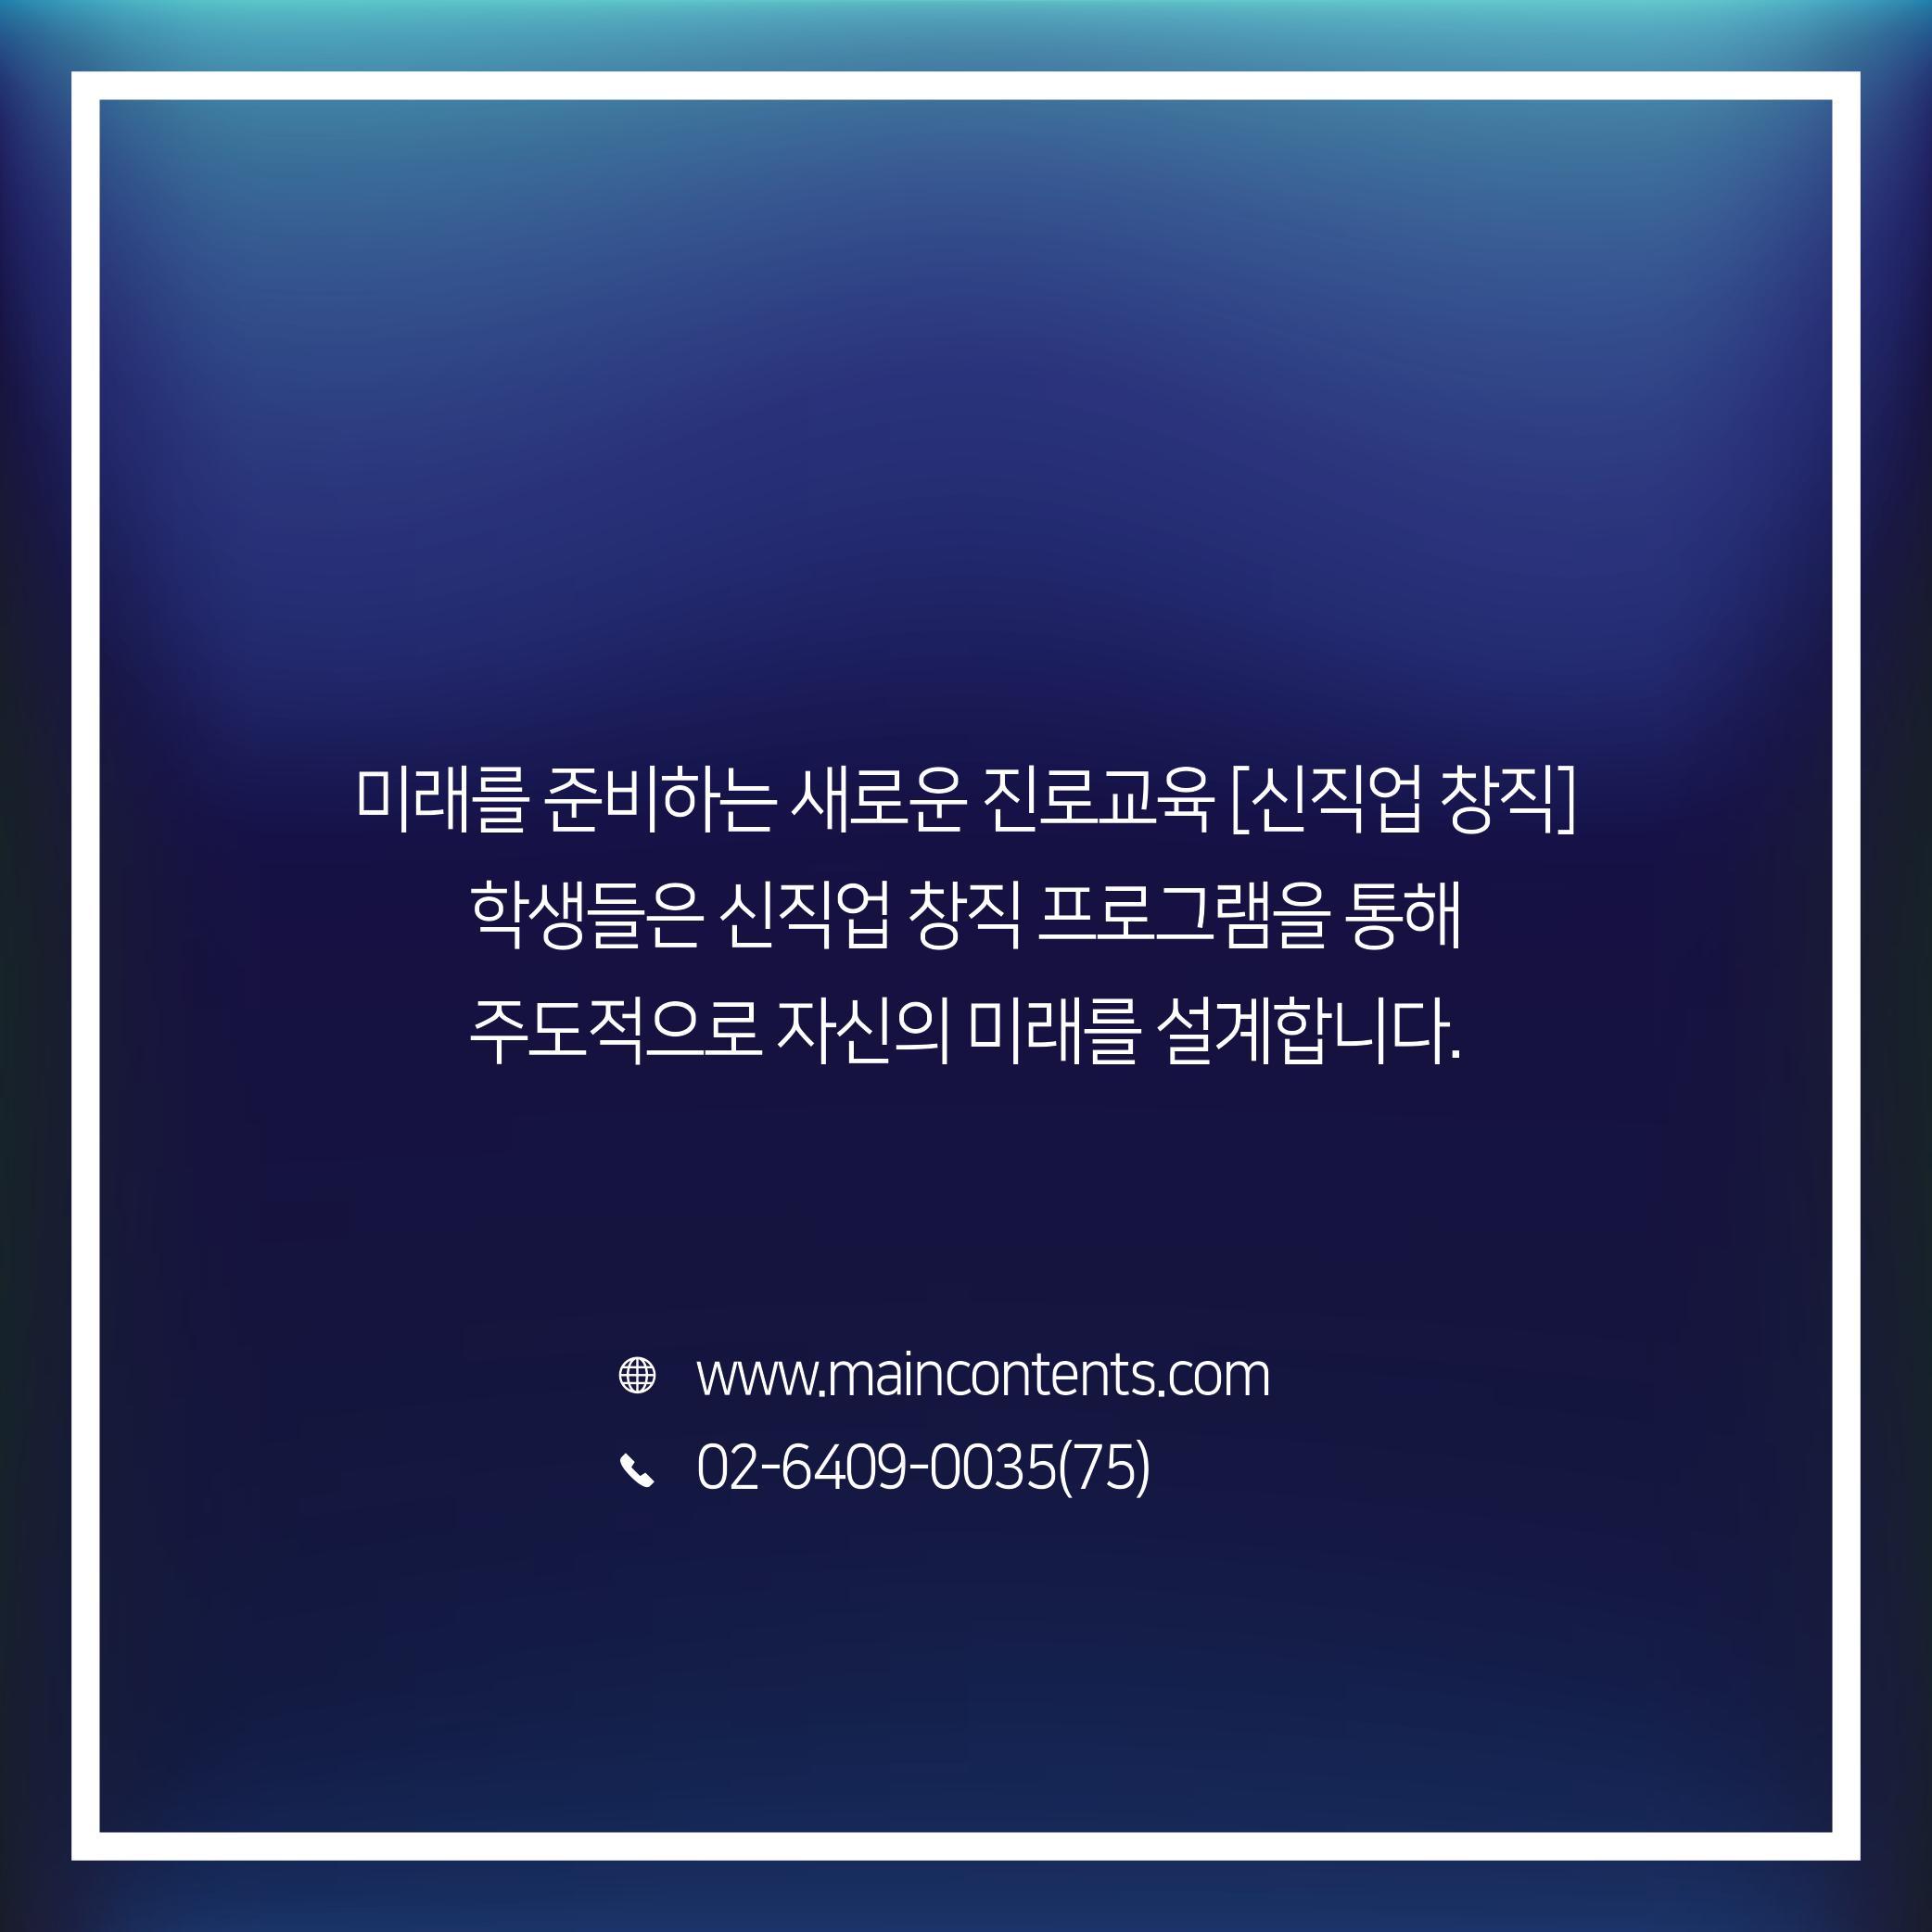 5fb20d398c7e46530c4498f3f054b166_1563956748_5802.jpg